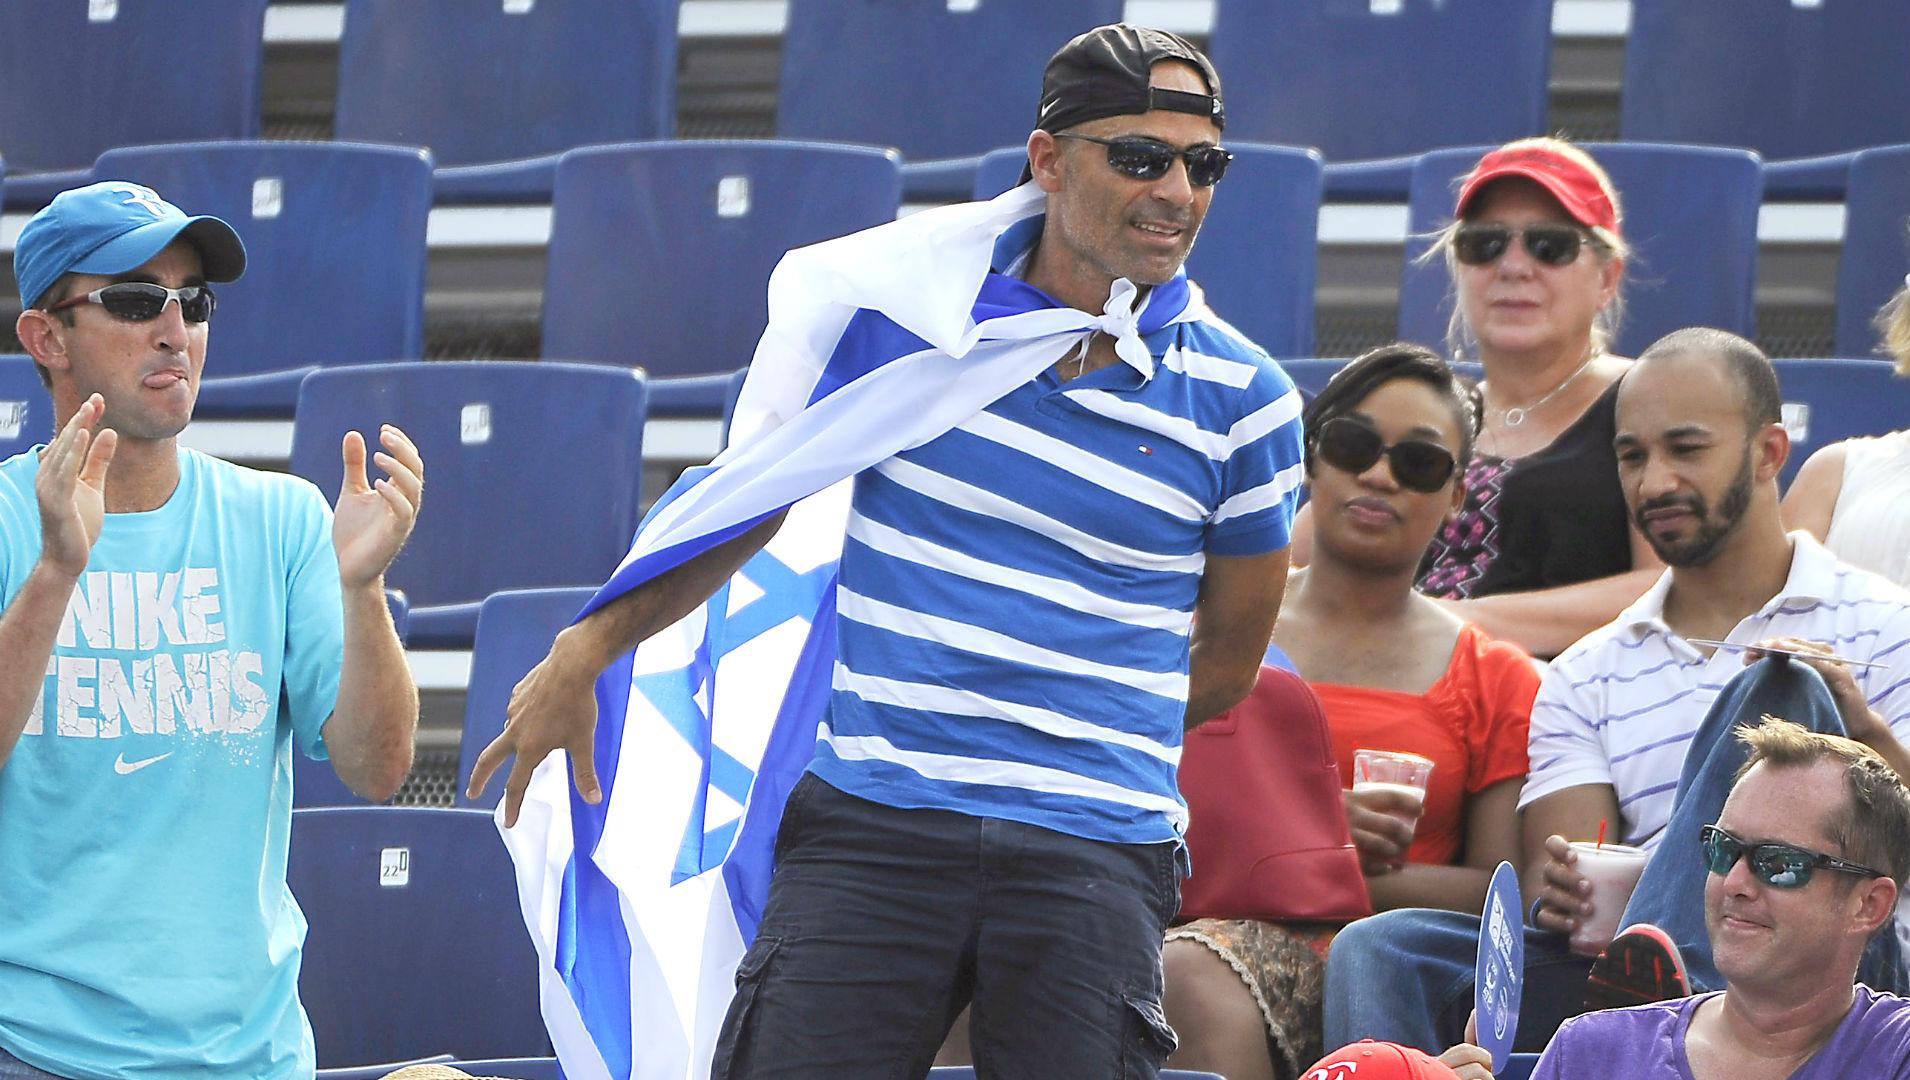 tennis-israel081514-ap-ftr.jpg